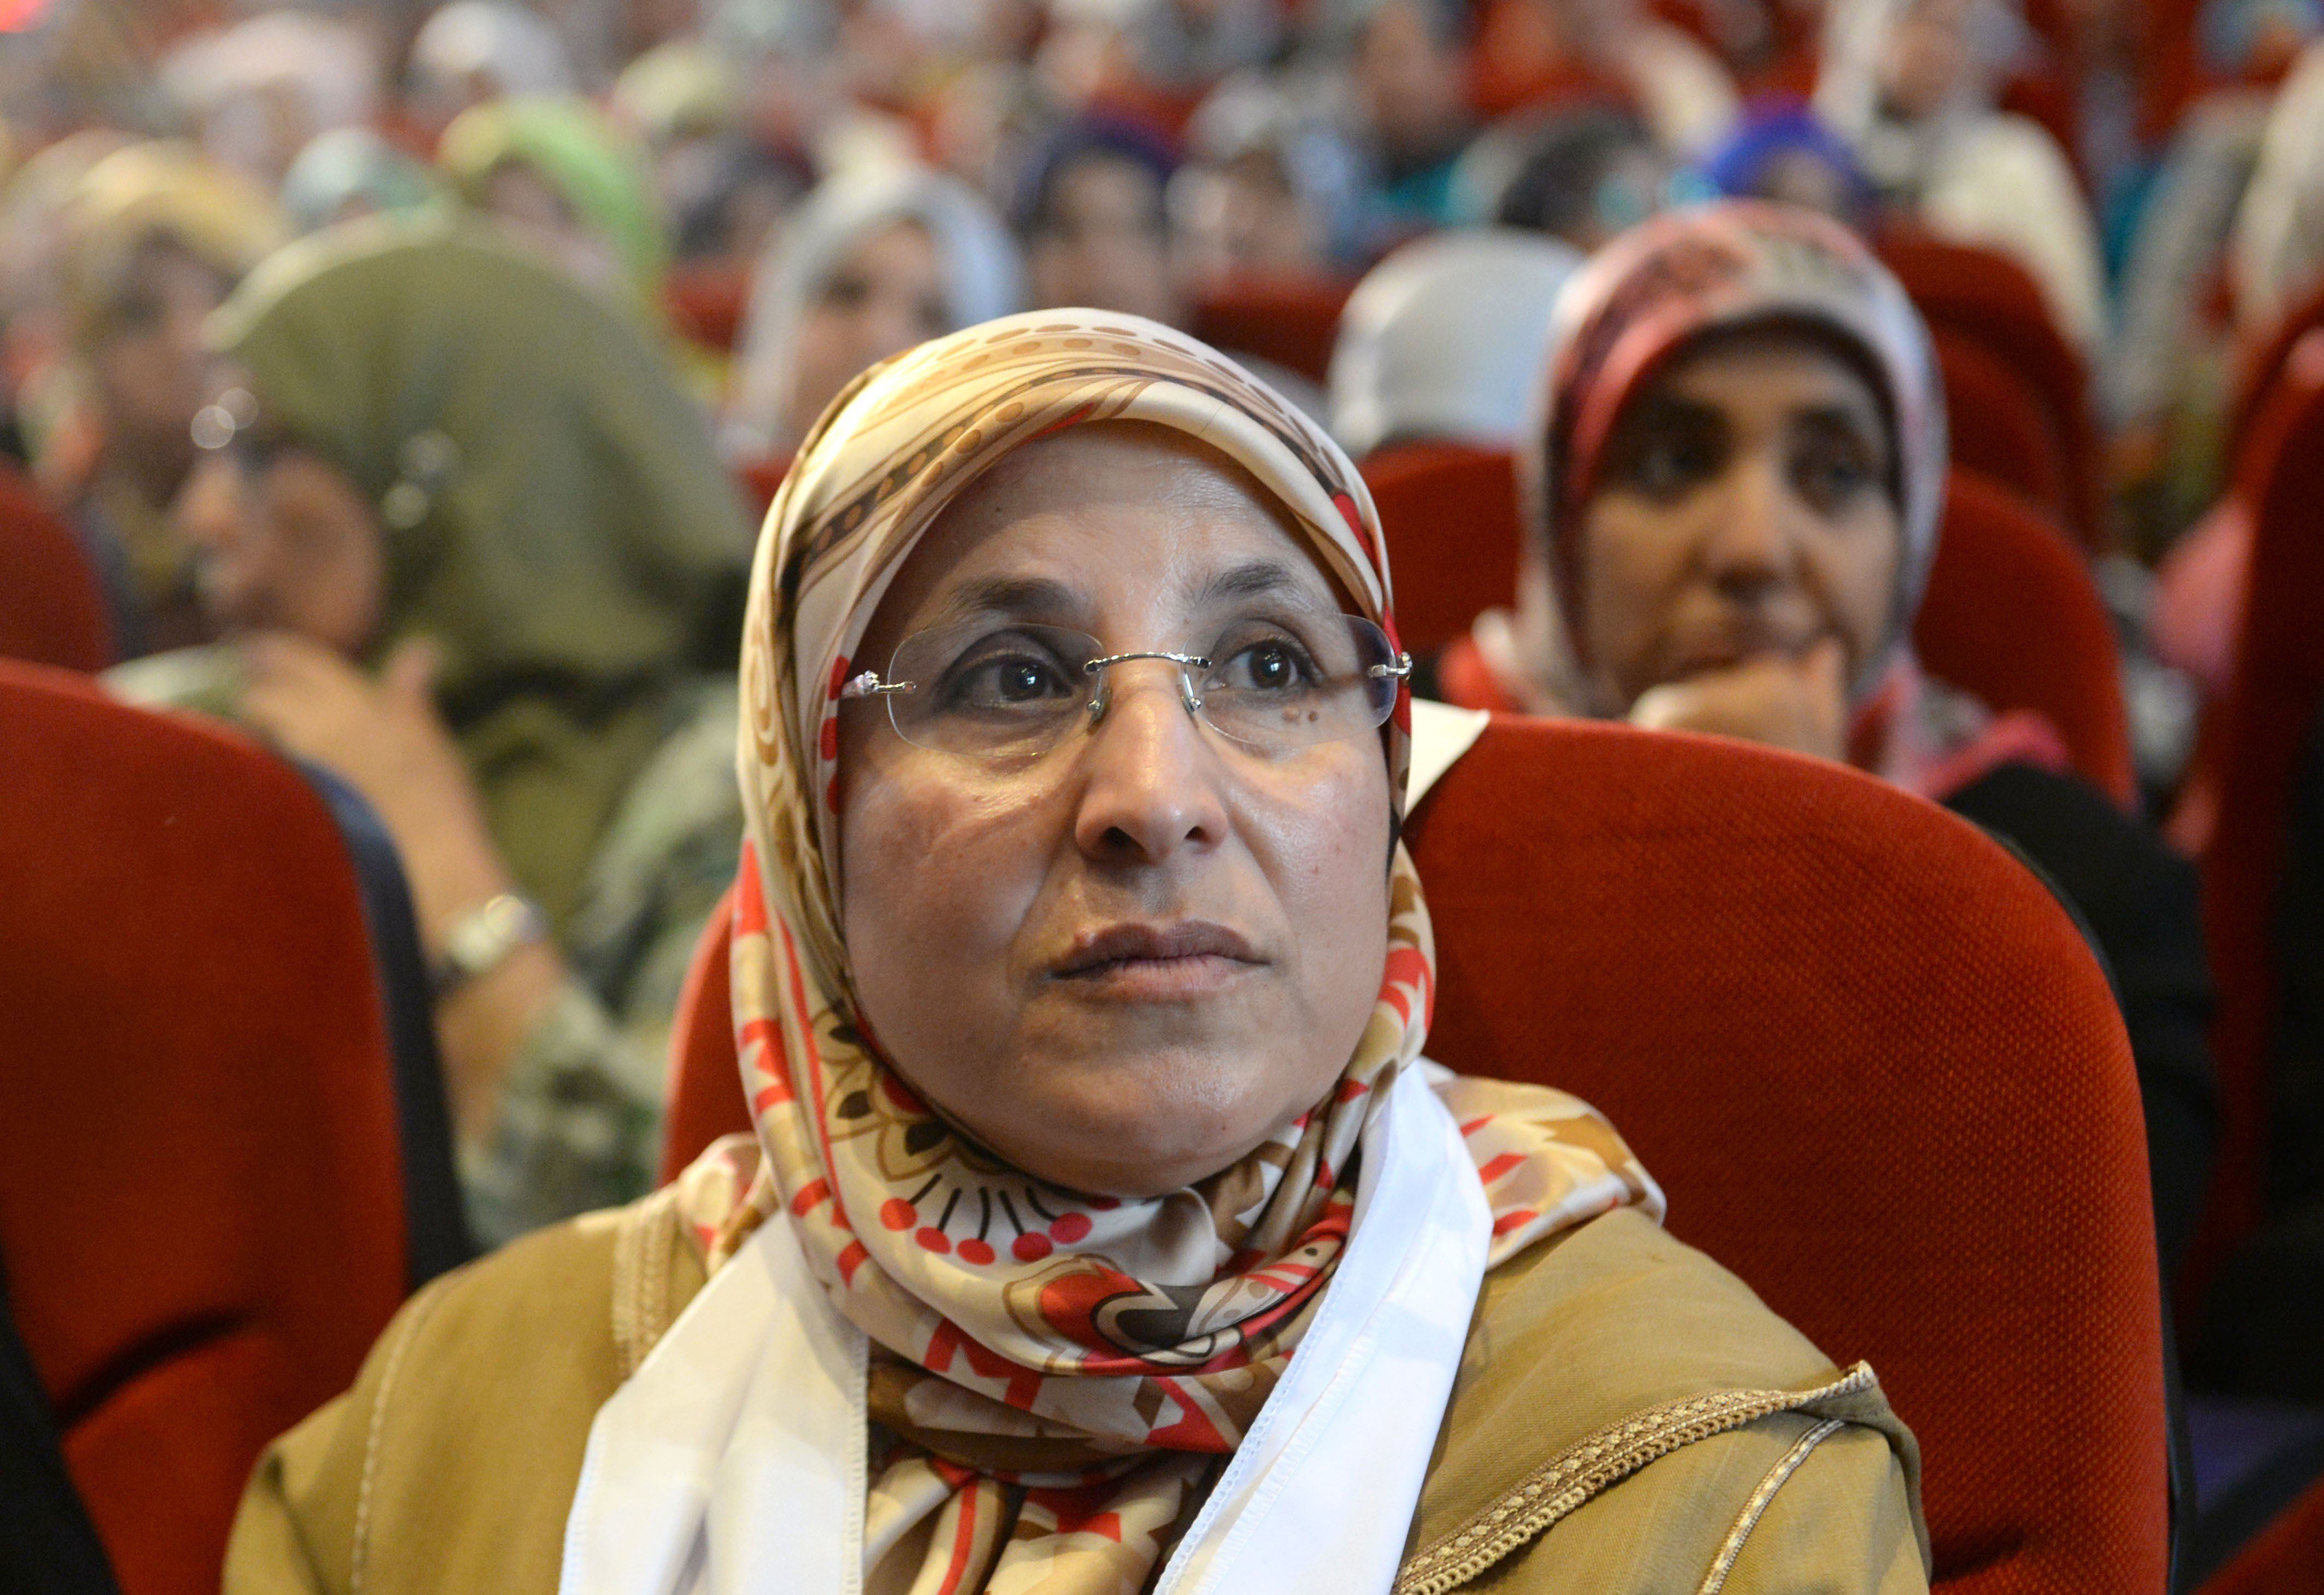 BLOG- Lettre ouverte à Bassima Hakkaoui, ministre de la Famille, de la solidarité, de l'égalité et du développement